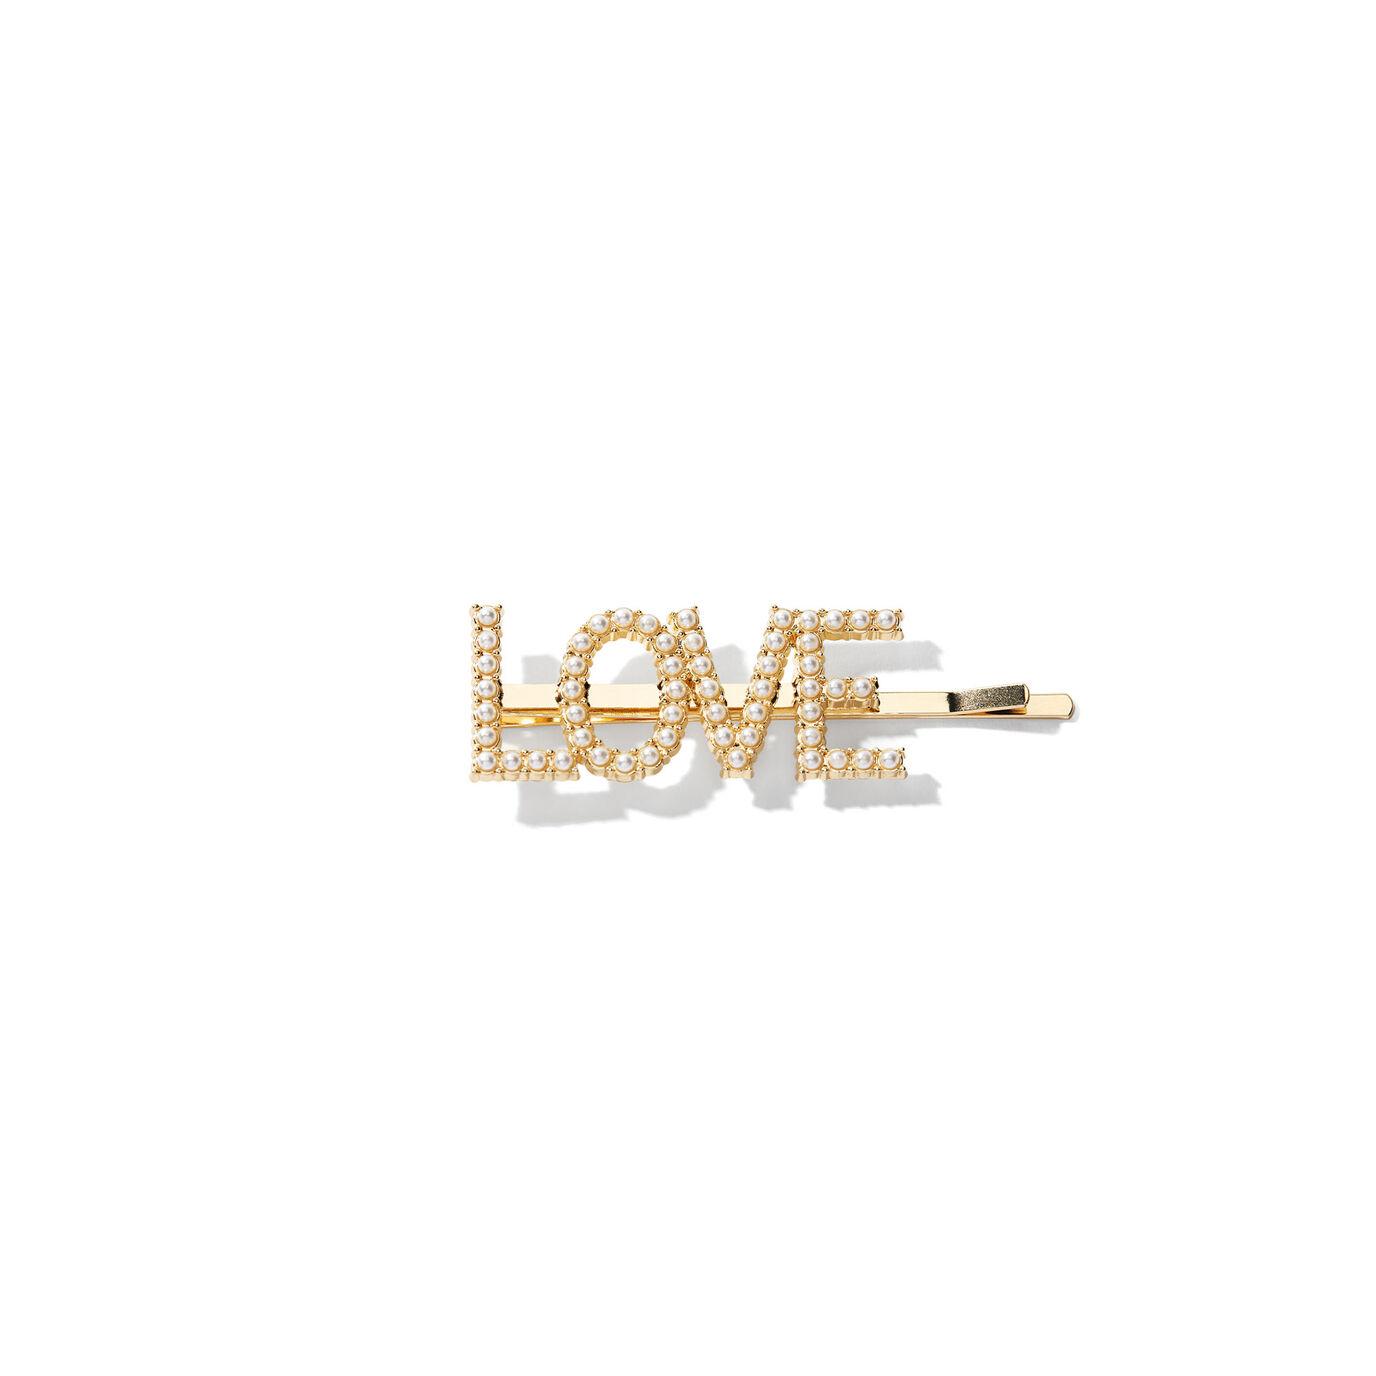 ABH Glam Hairpins - Gold Pearl Love